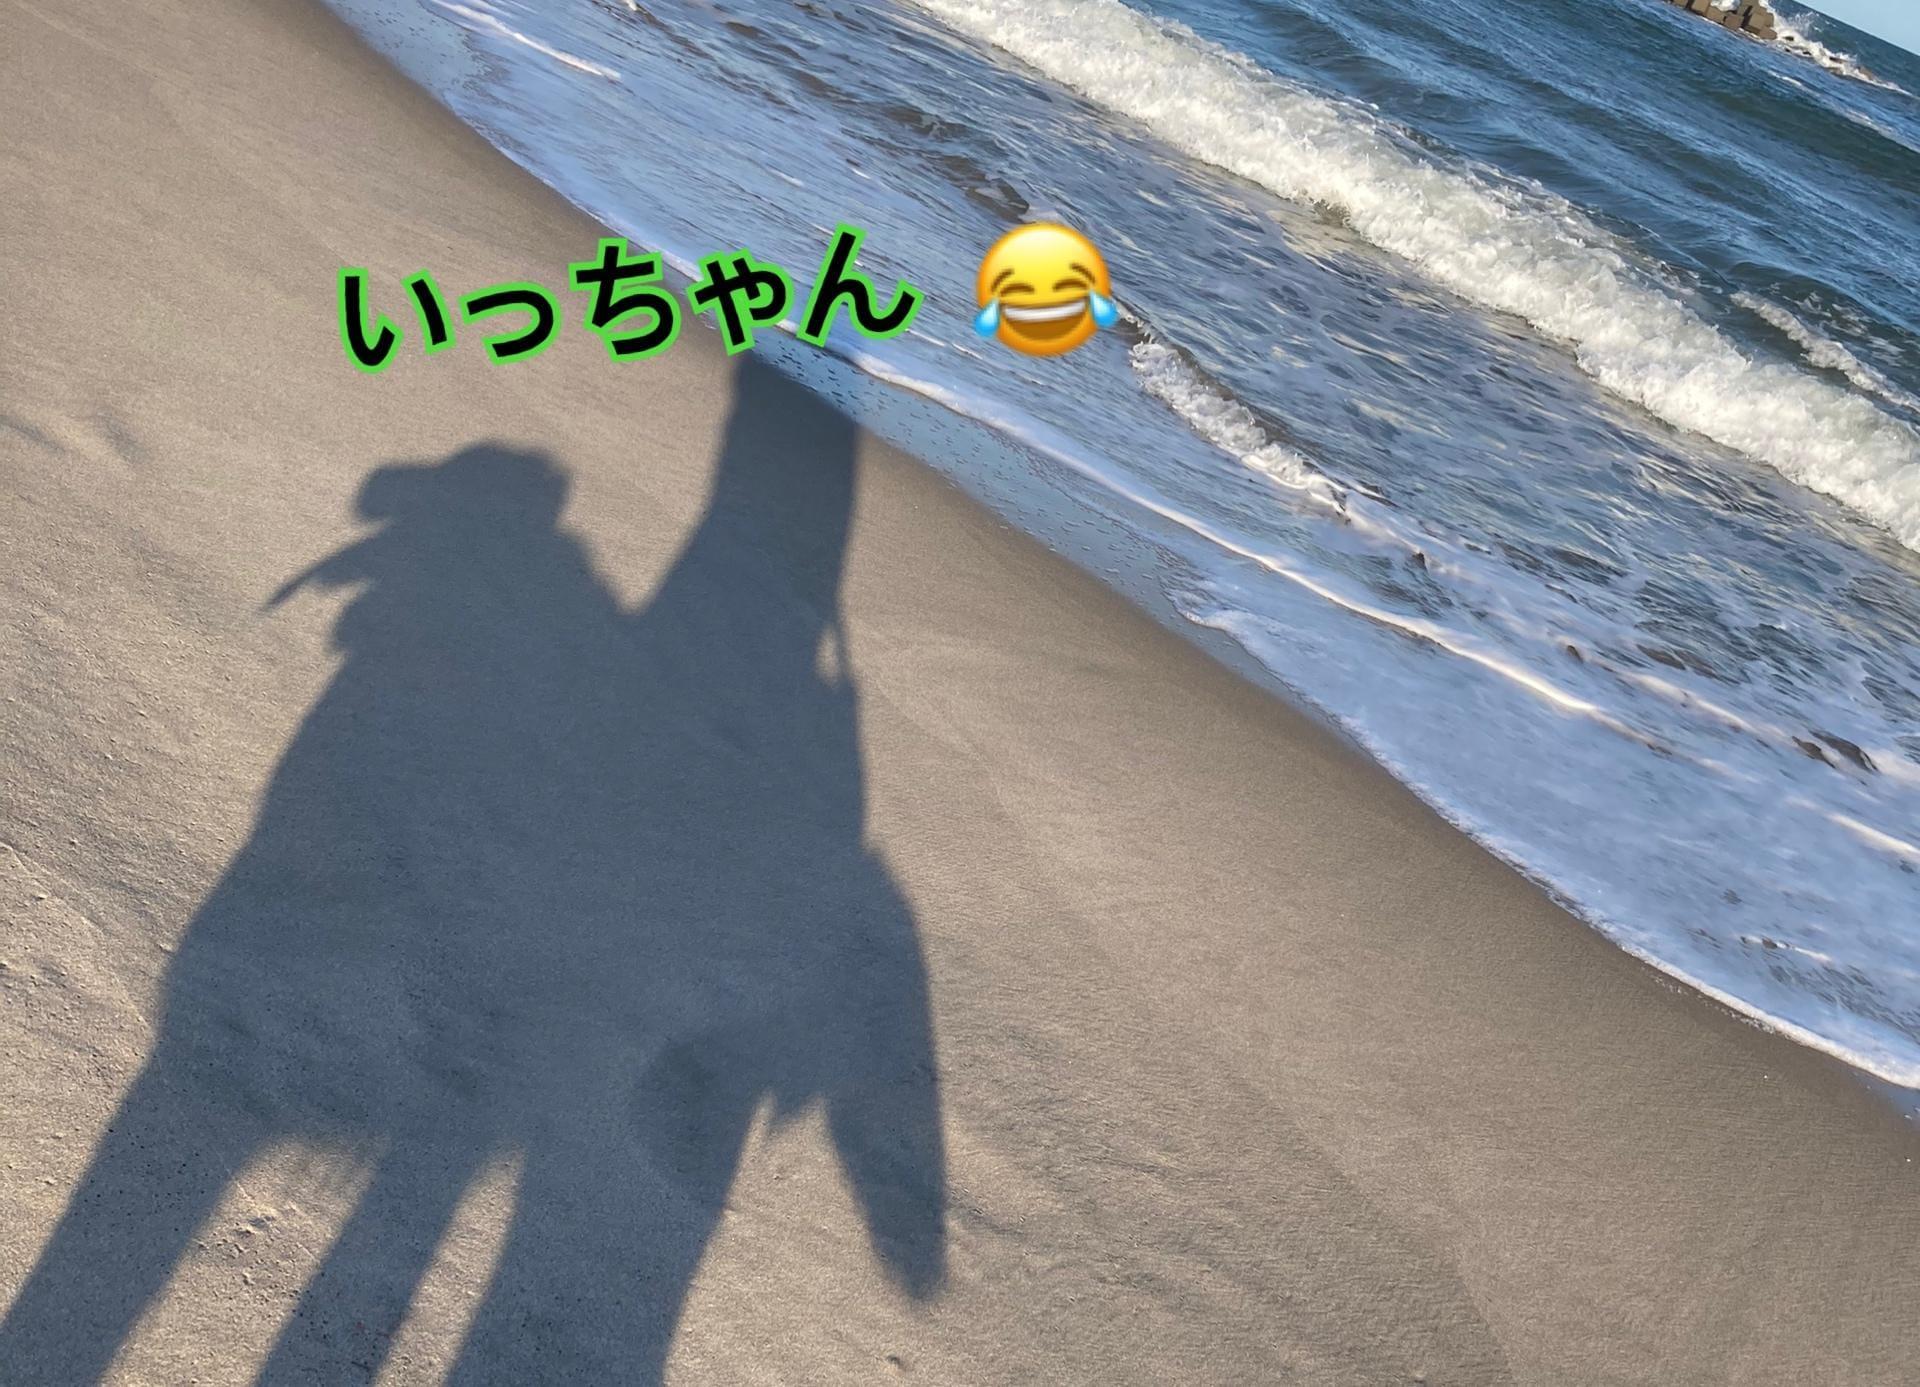 「今日はね(●´ω`●)」09/28(月) 22:46   一伽(いちか)の写メ・風俗動画